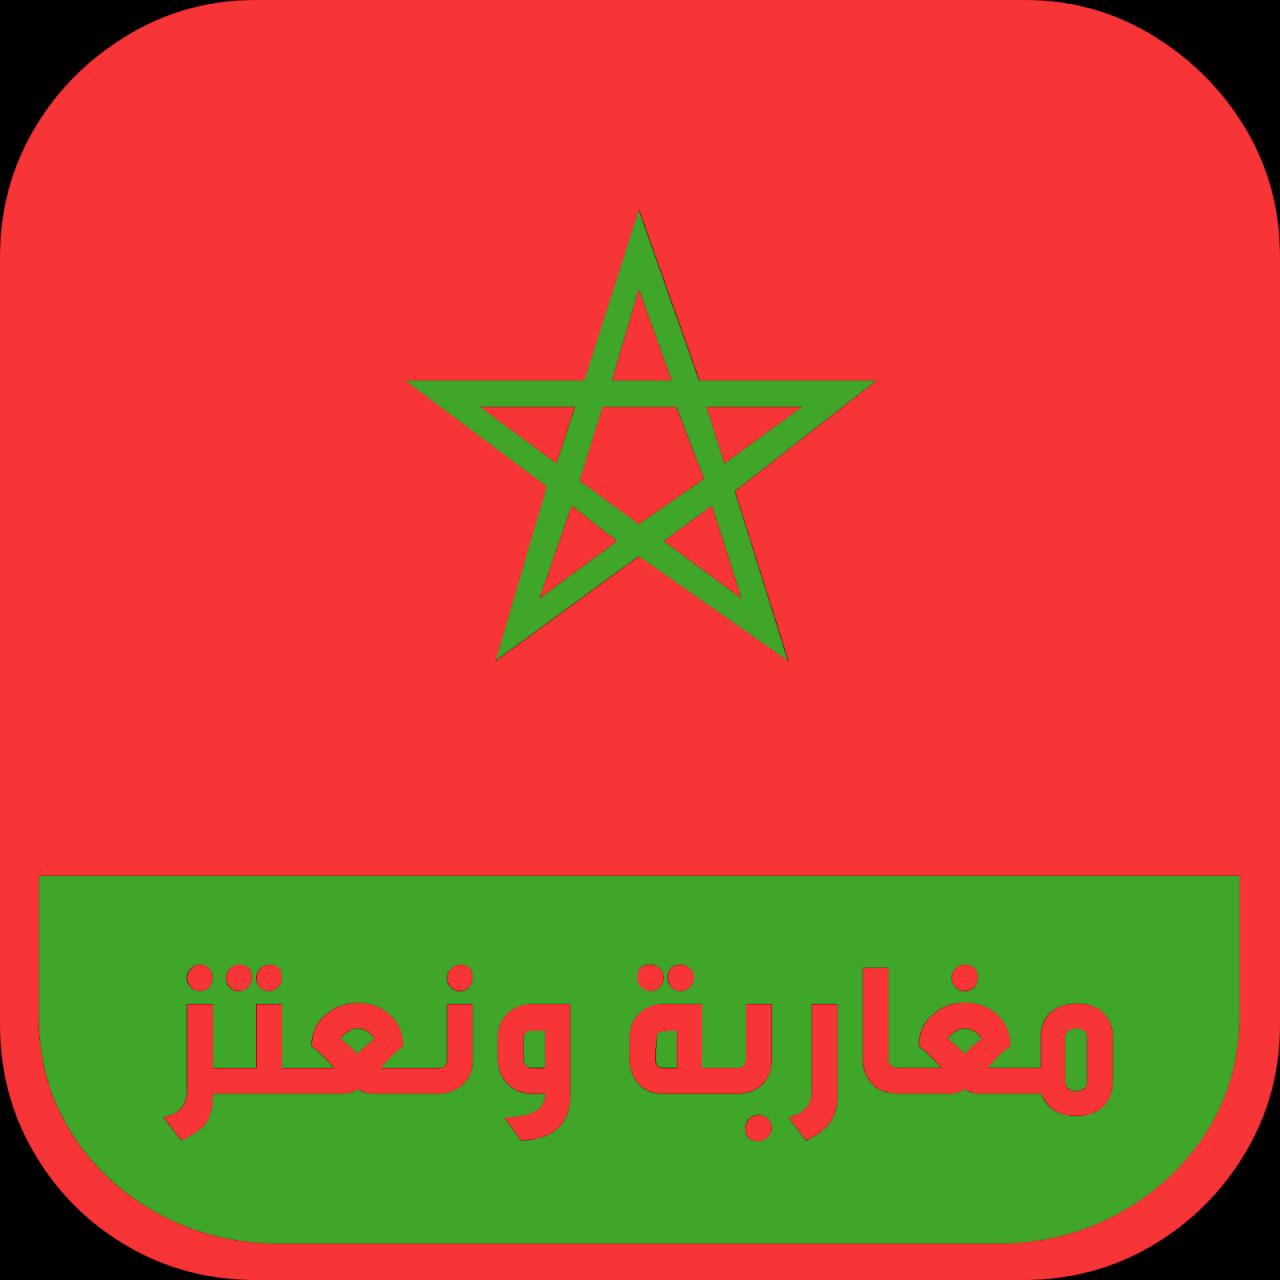 صورة صور علم المغرب , احلى صور علم المغرب 2935 3